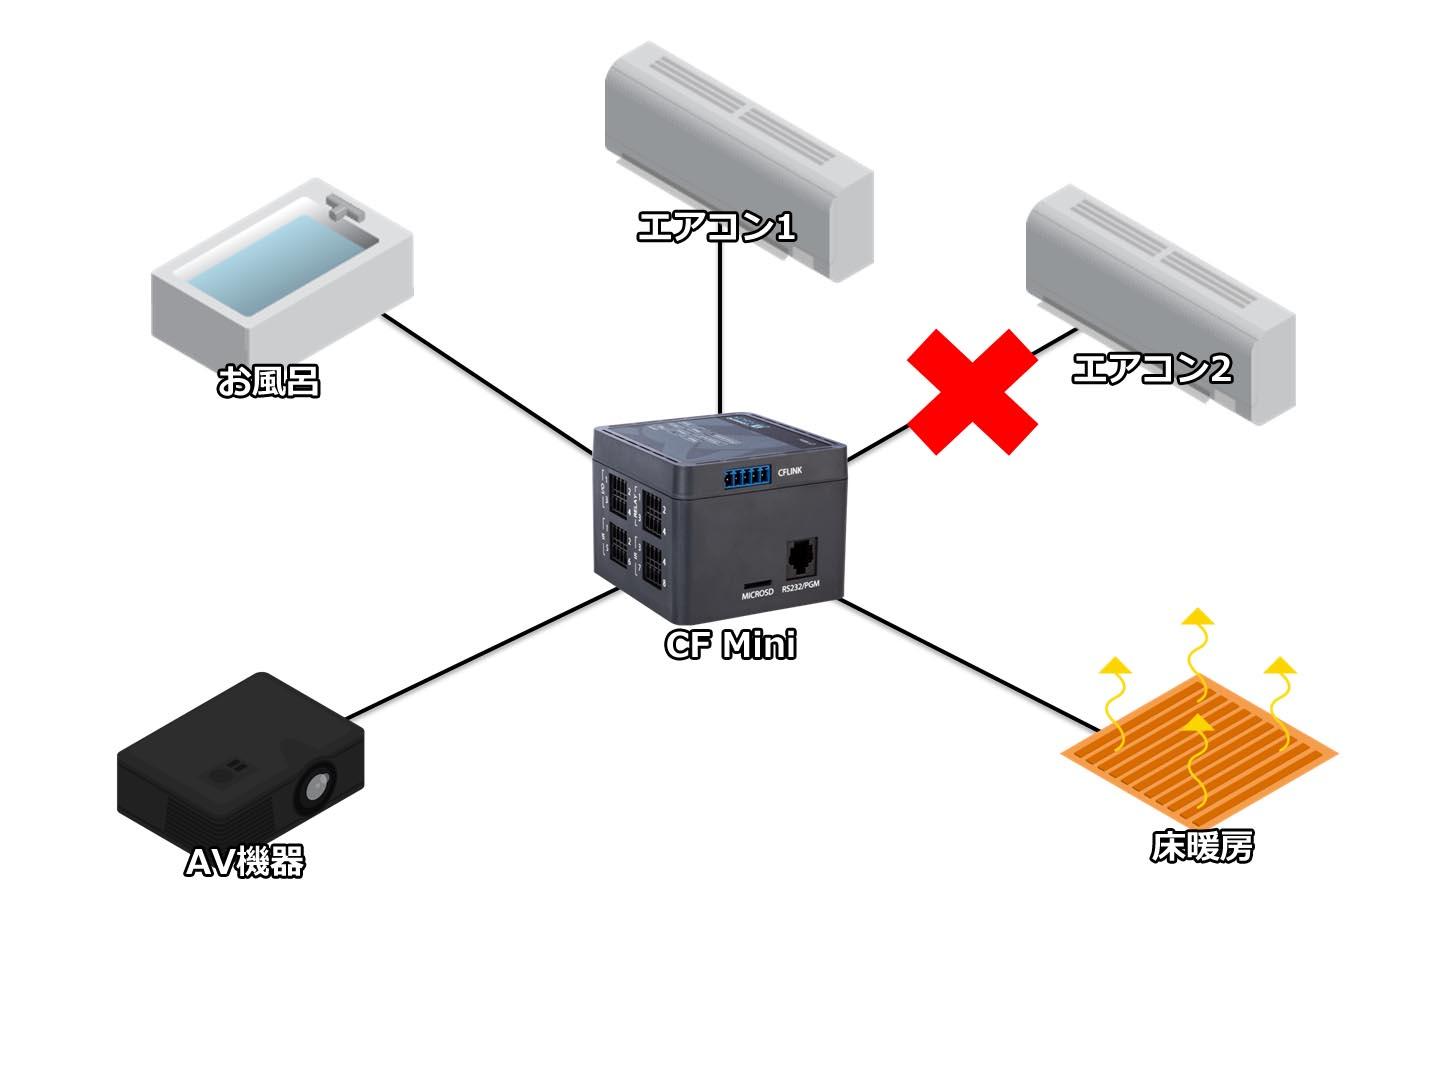 状況によって制御したい機器のためのポートが不足することもあります。